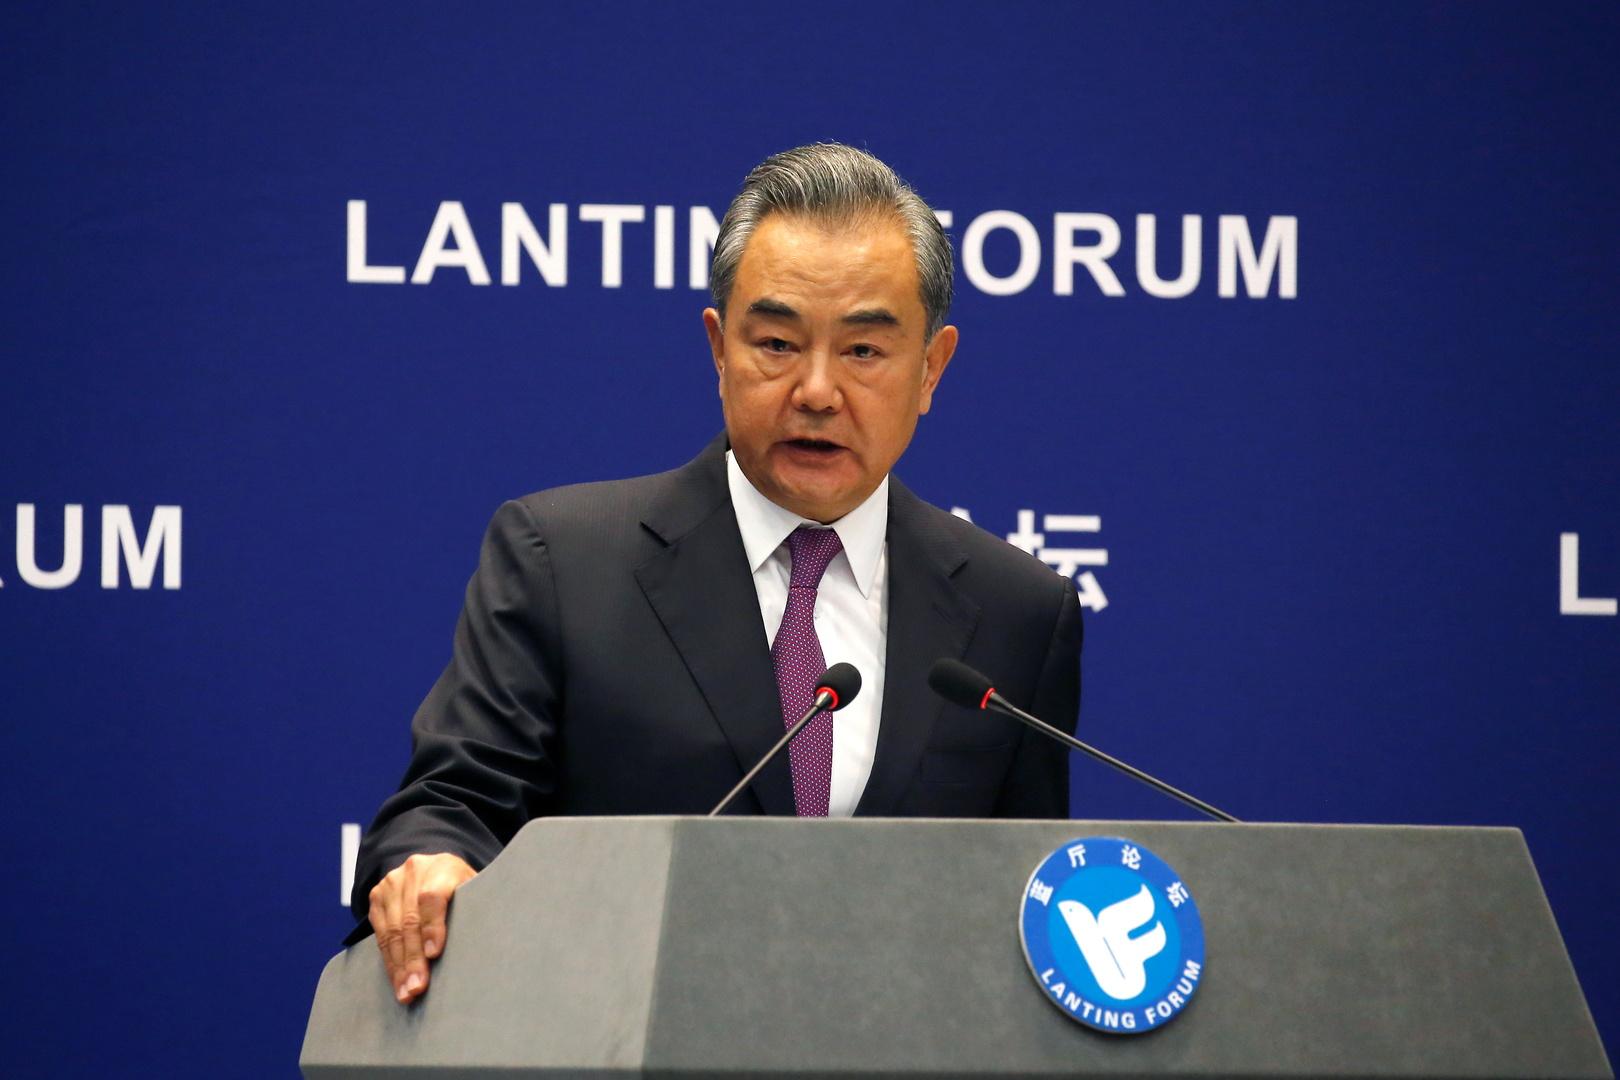 الصين: على الولايات المتحدة وحلفائها تحمل المسؤولية ومساعدة أفغانستان